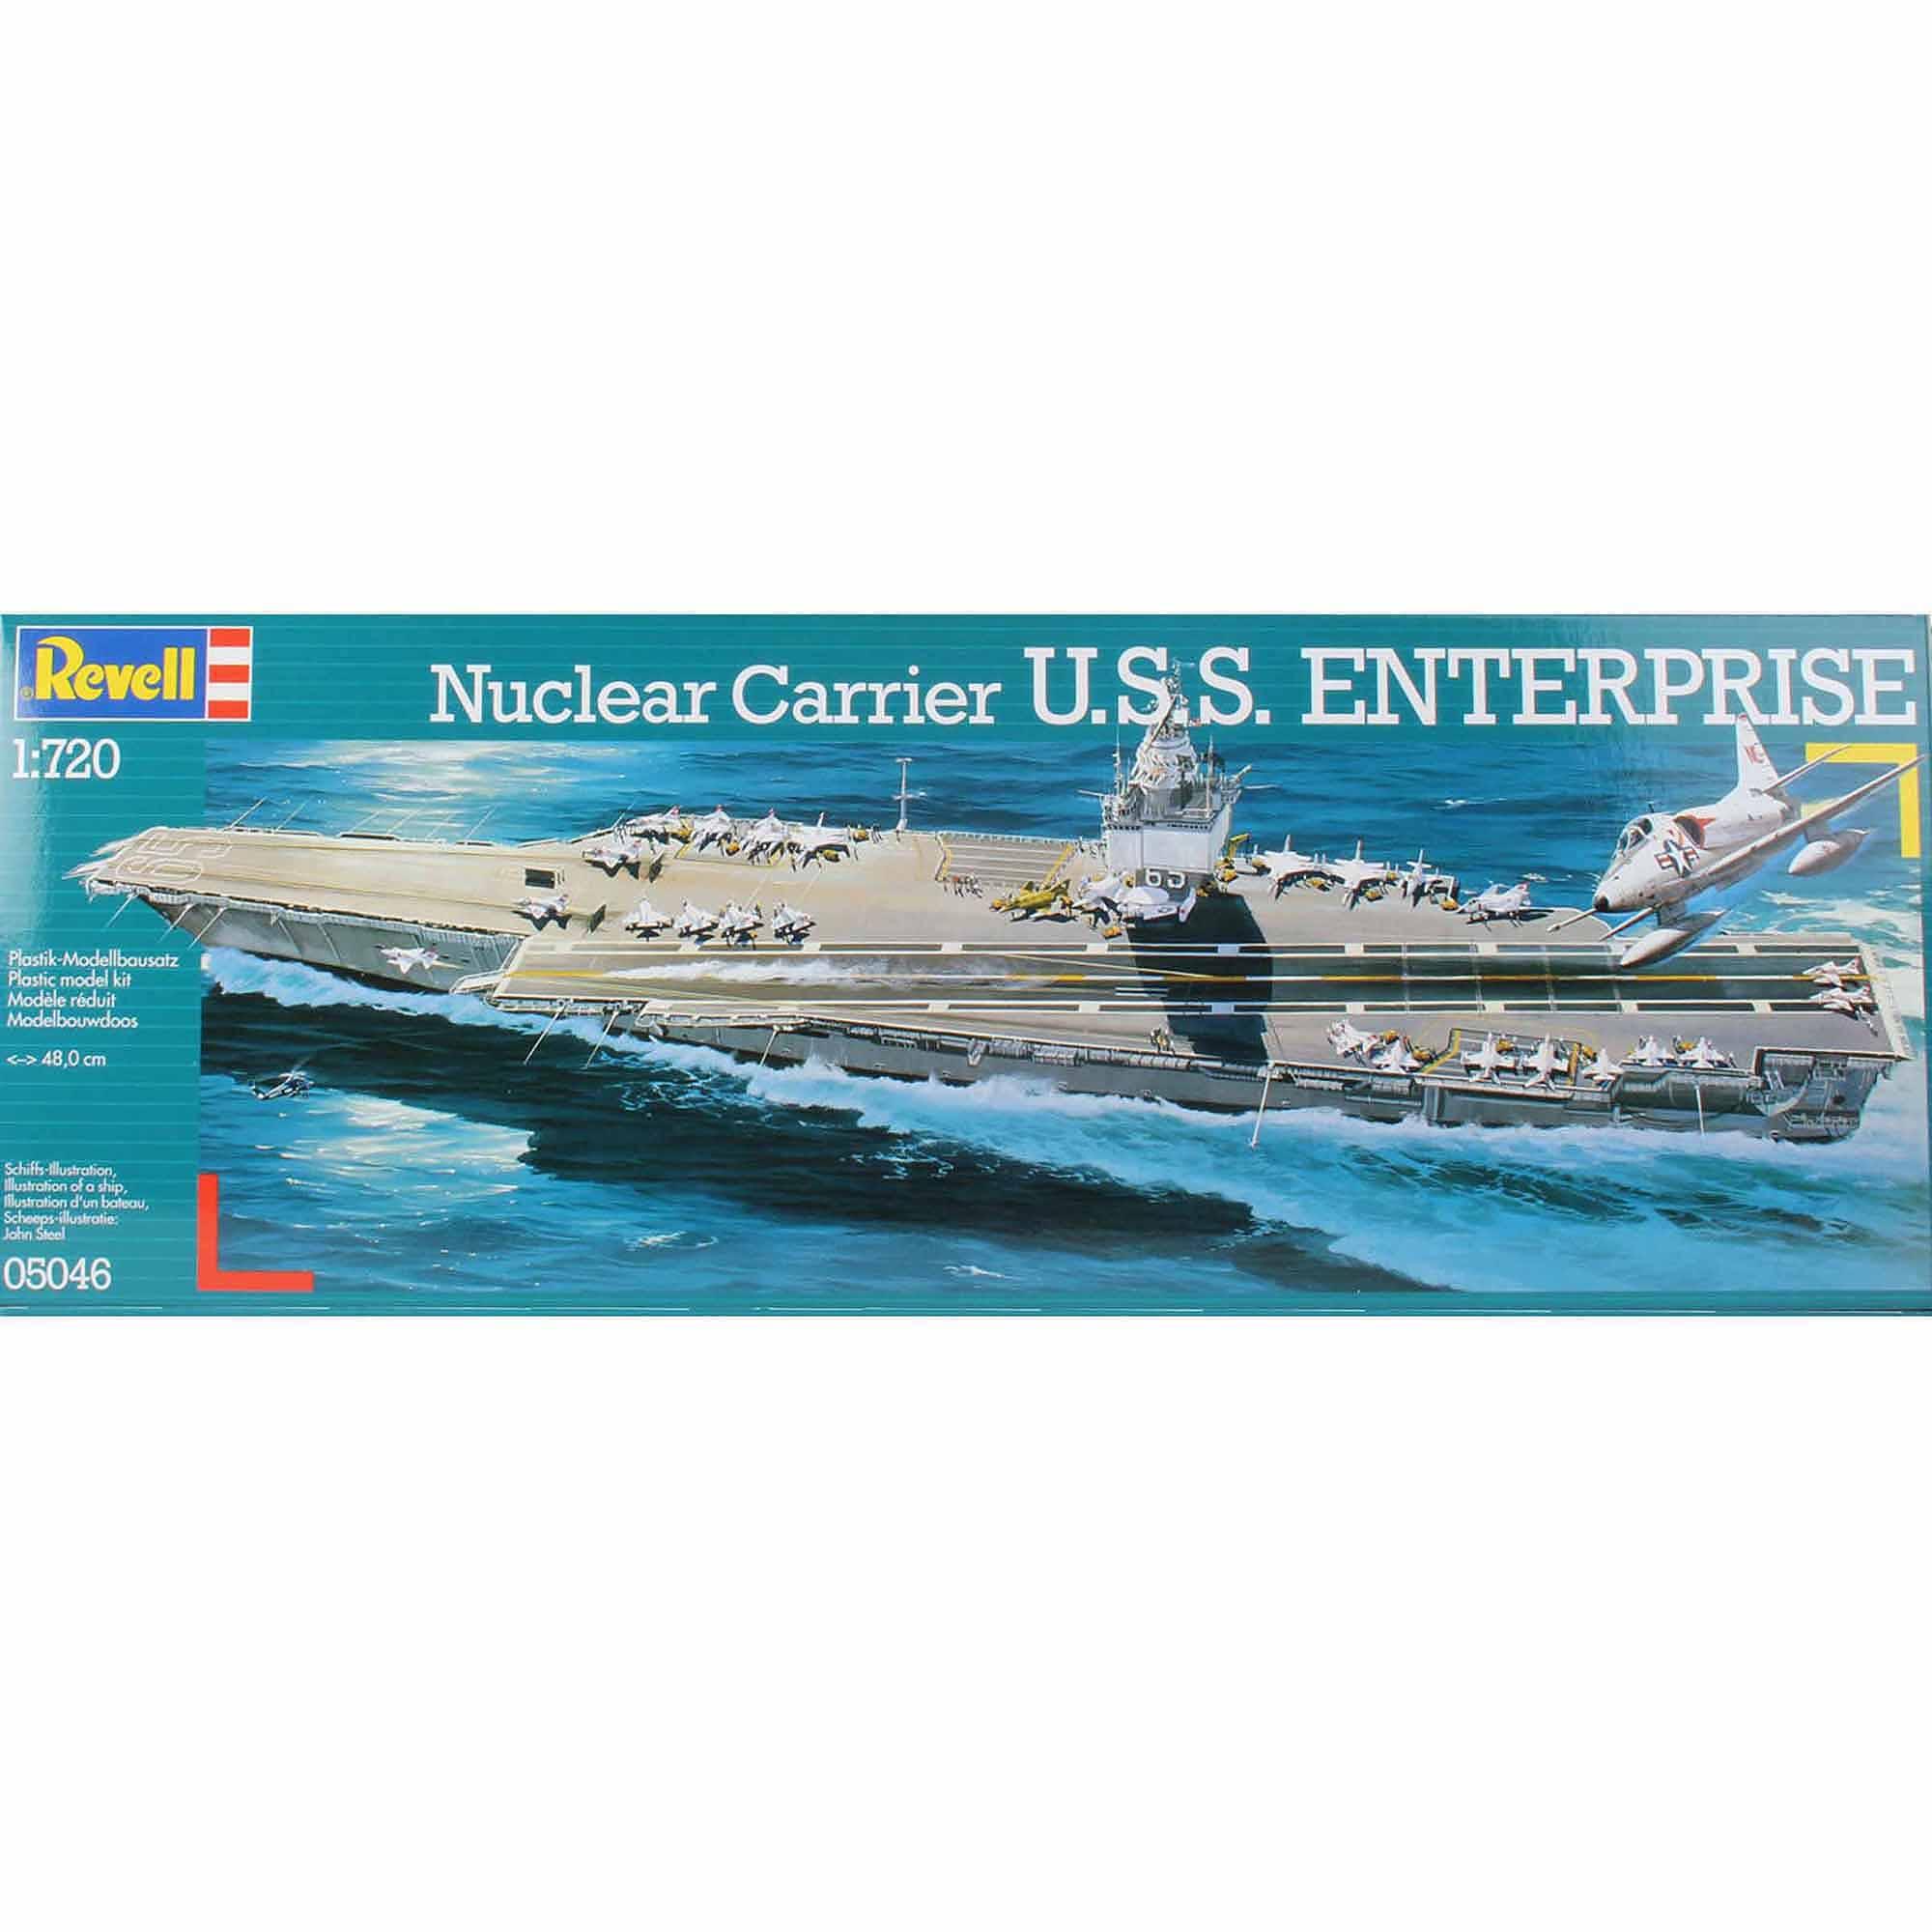 Revell 1:25 Scale U.S.S. Enterprise Model Kit